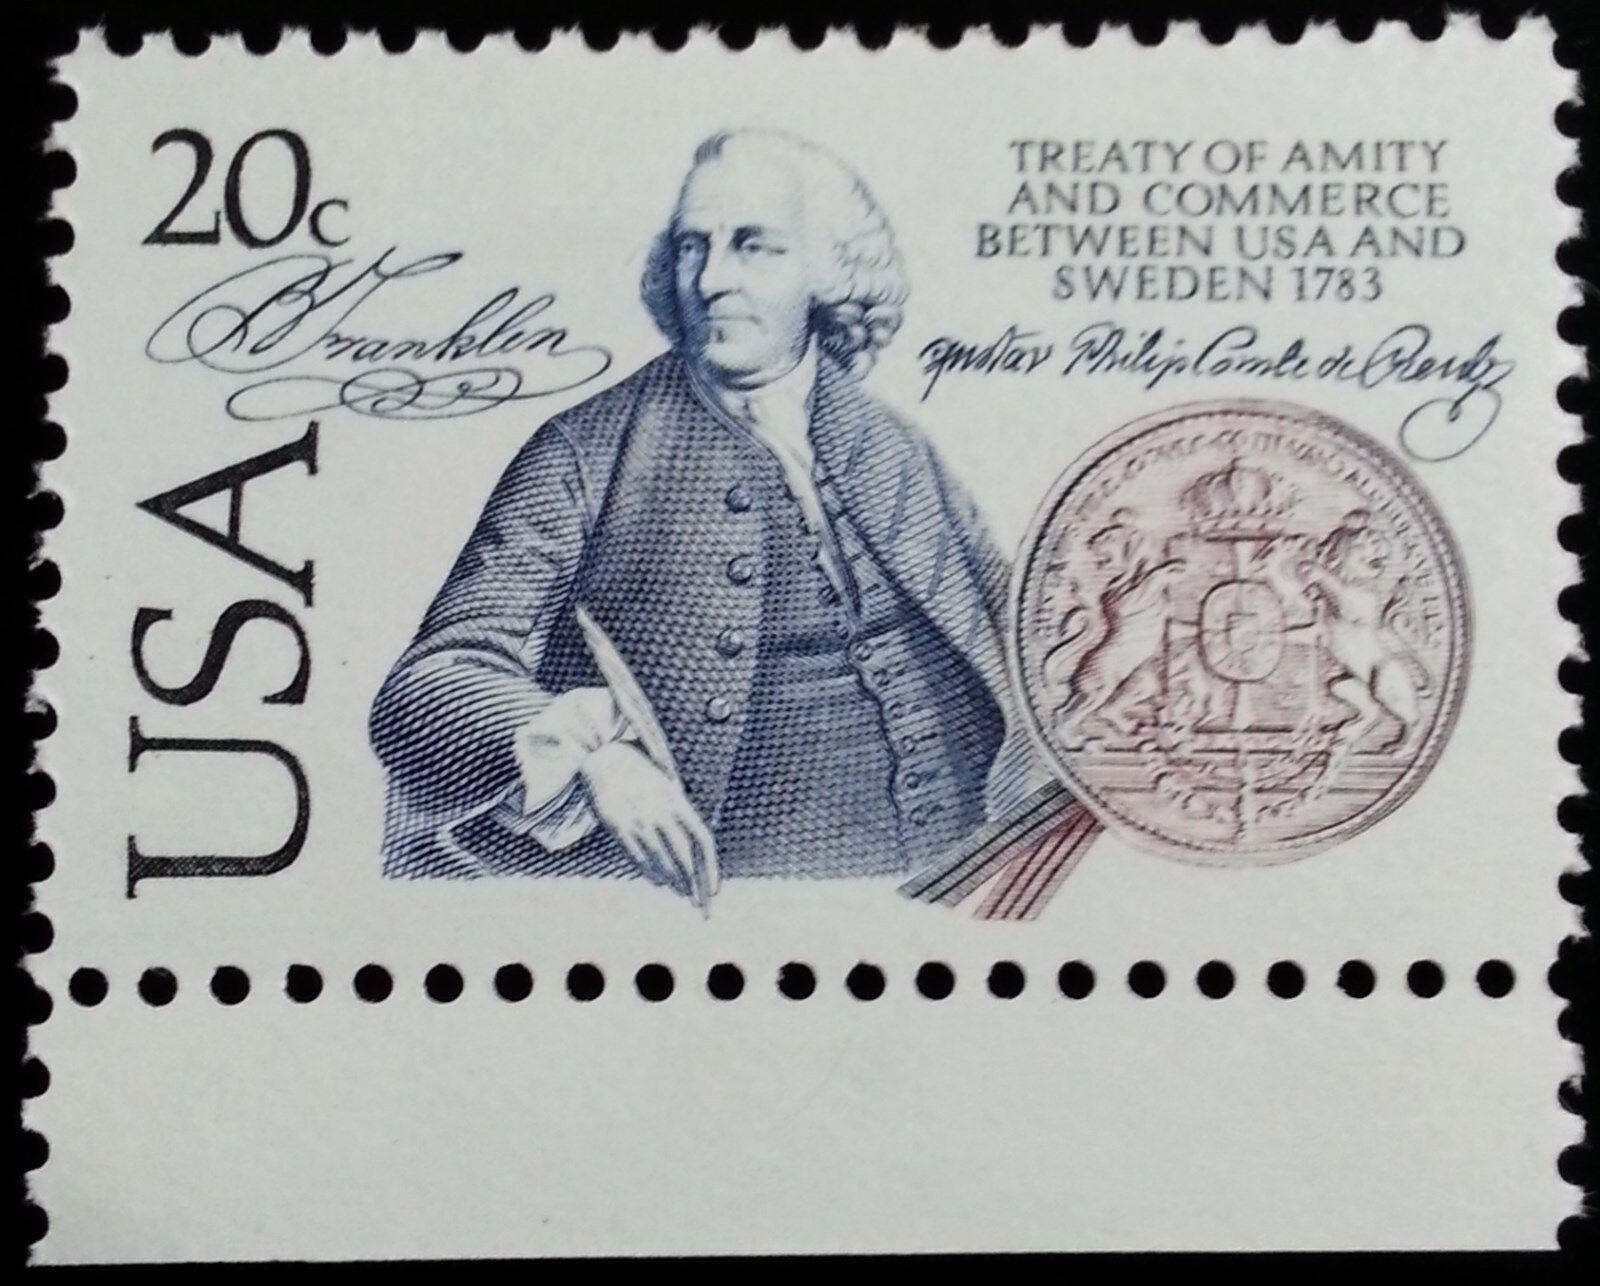 1983 20c Benjamin Franklin, Treaty of Amity & Commerce